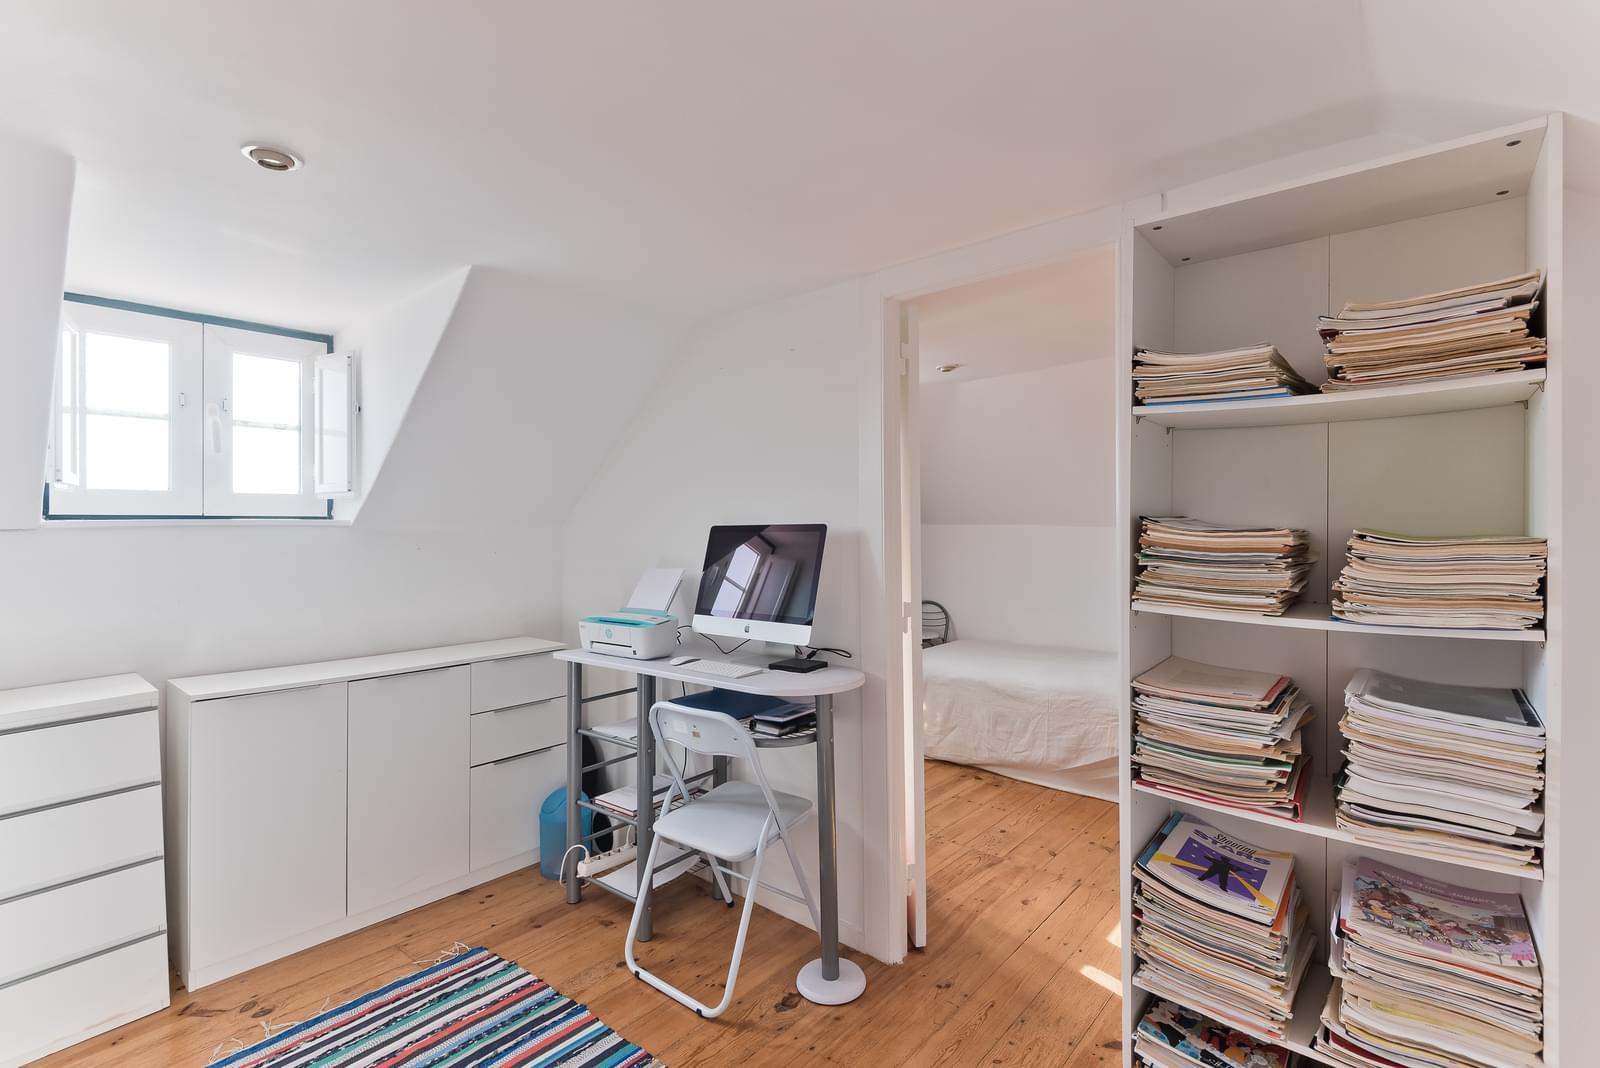 pf18798-apartamento-t3-1-cascais-8fd0fc66-d12b-4e22-845c-e7c78733752c